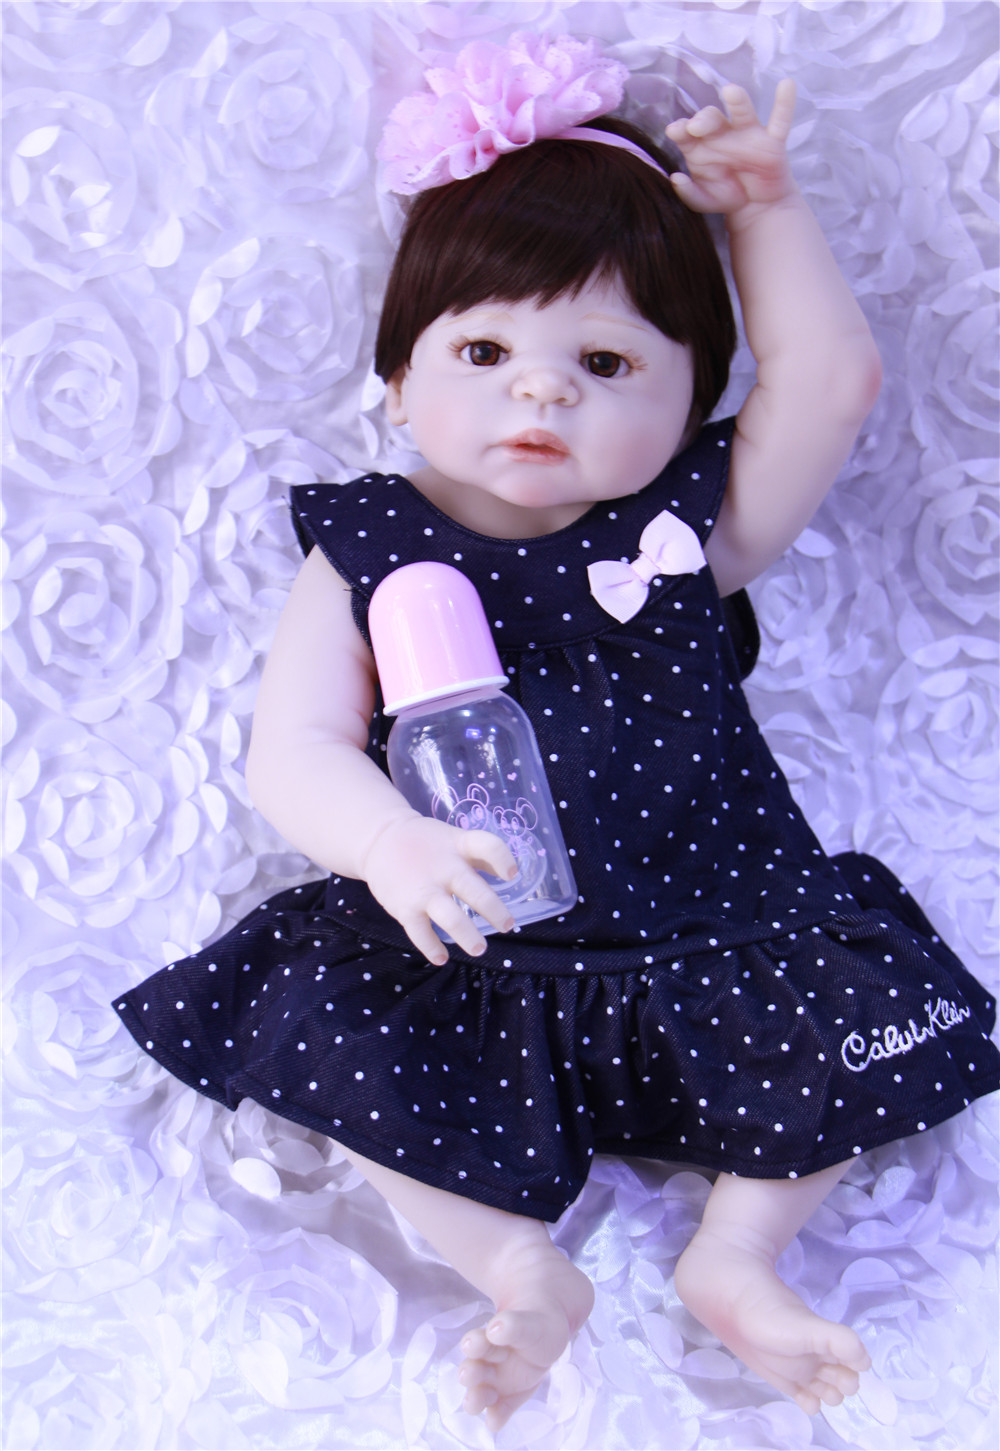 Bebes Reborn bébé réaliste Silicone Reborn poupées 22 pouces/55 cm, nouveauté réaliste bébé Reborn jouets pour cadeau d'enfant